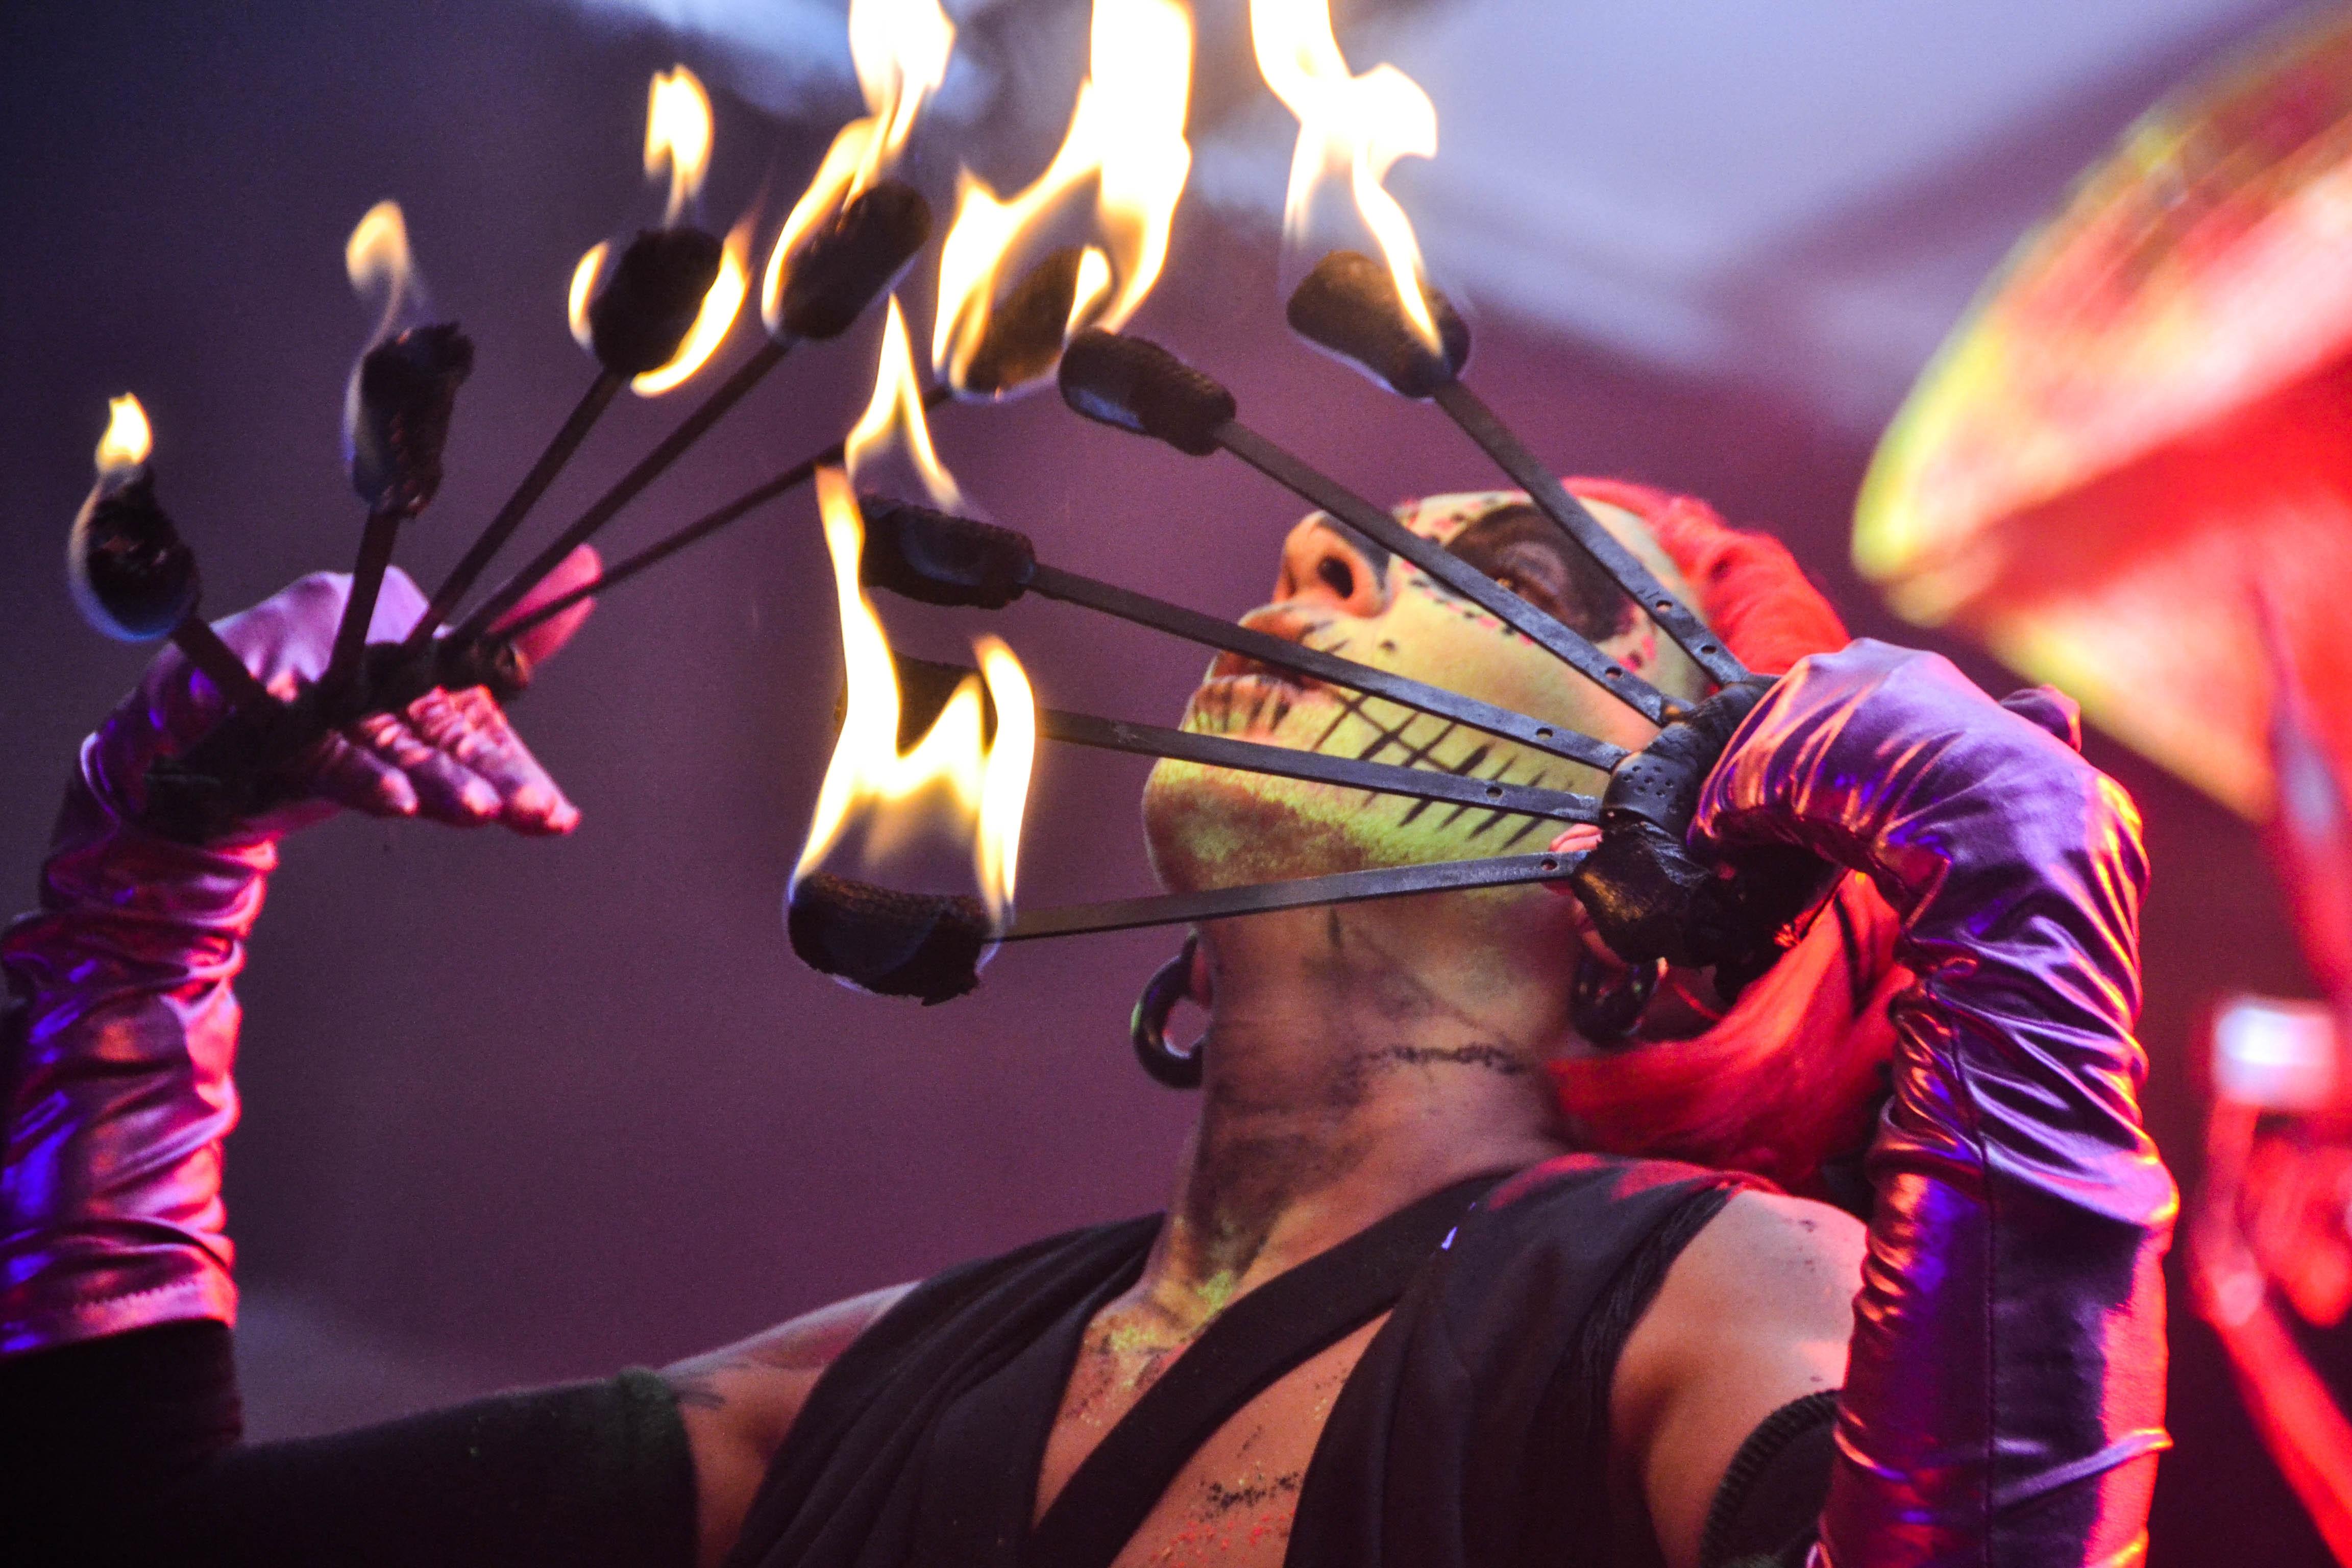 concert-festival-fire-167386.jpg